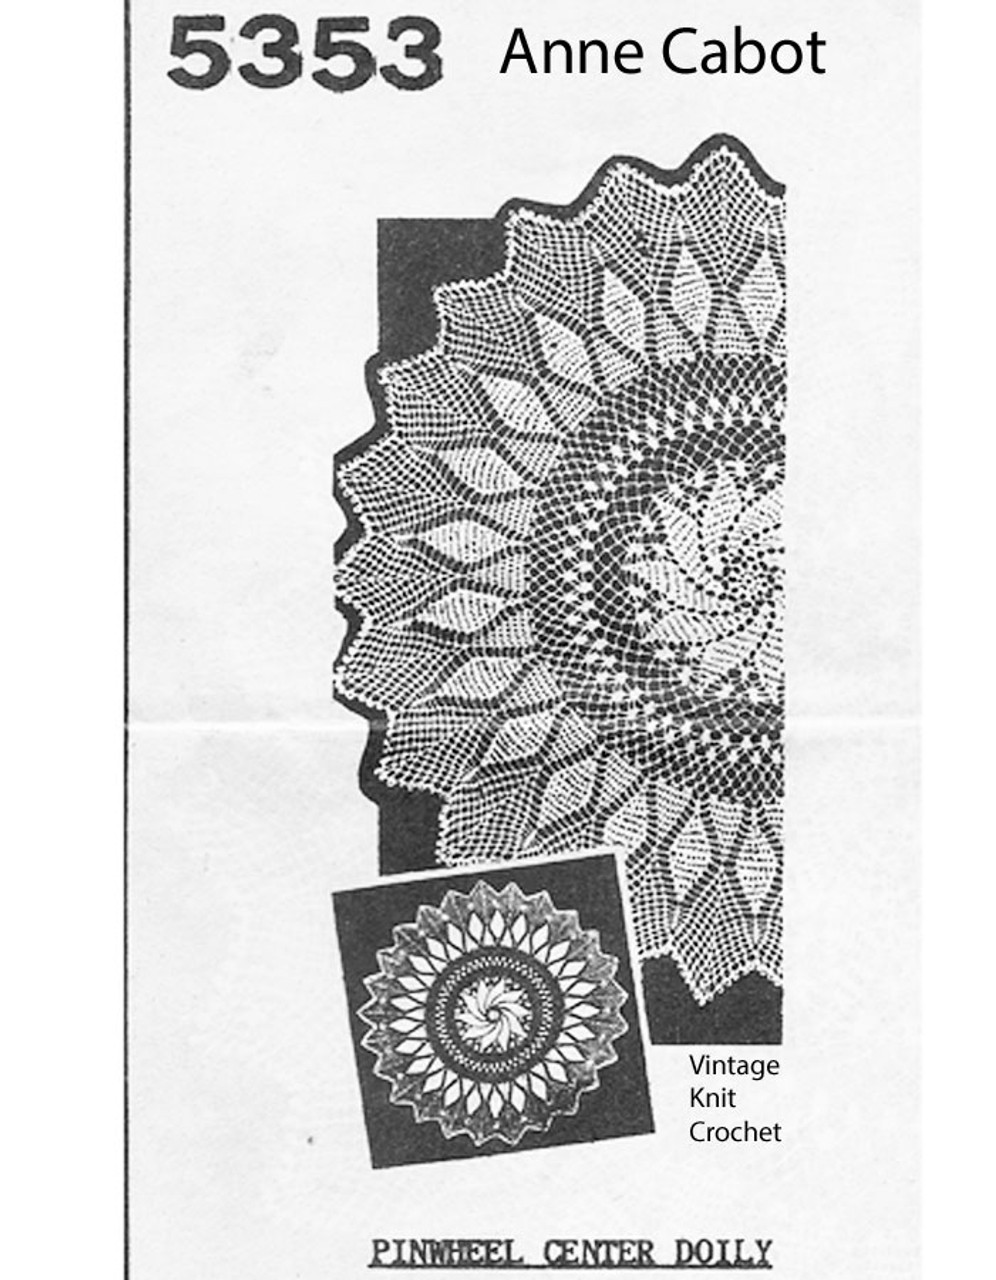 Crochet Pinwheel Centerpiece Doily No 52353